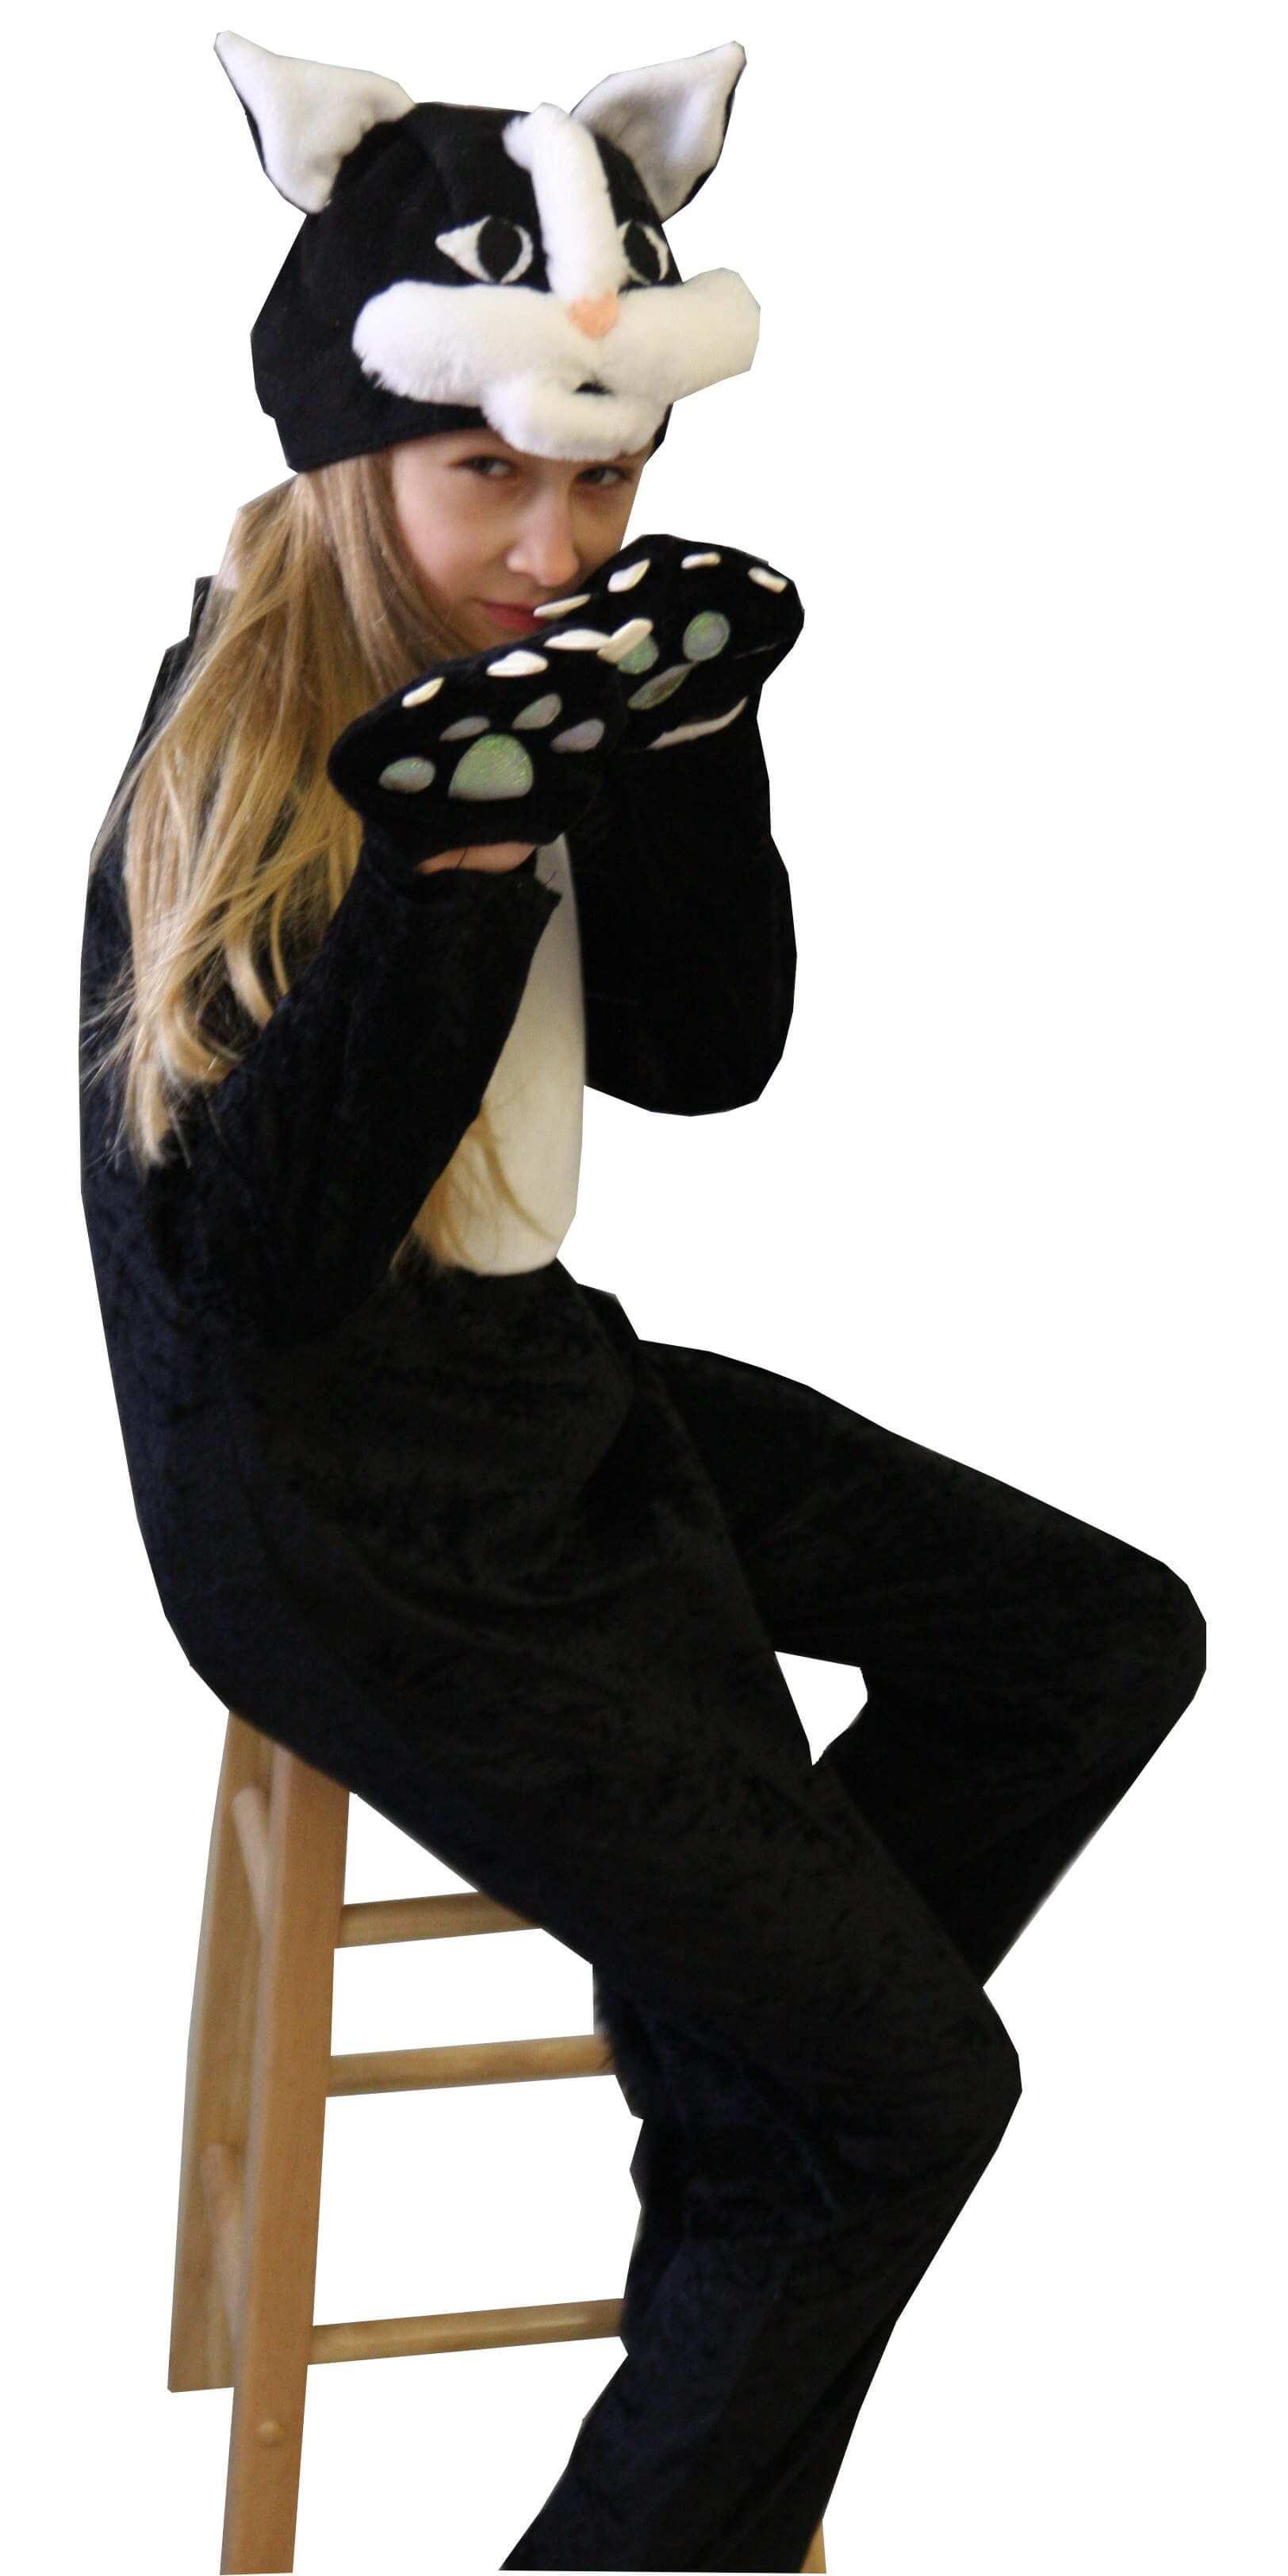 новогодний костюм кошки. Katės-katino kostiumas. Gyvunų karnavaliniai kostiumai. Karnavaliniu kostiumu nuoma vaikams Vilniuje - pasakunamai.lt